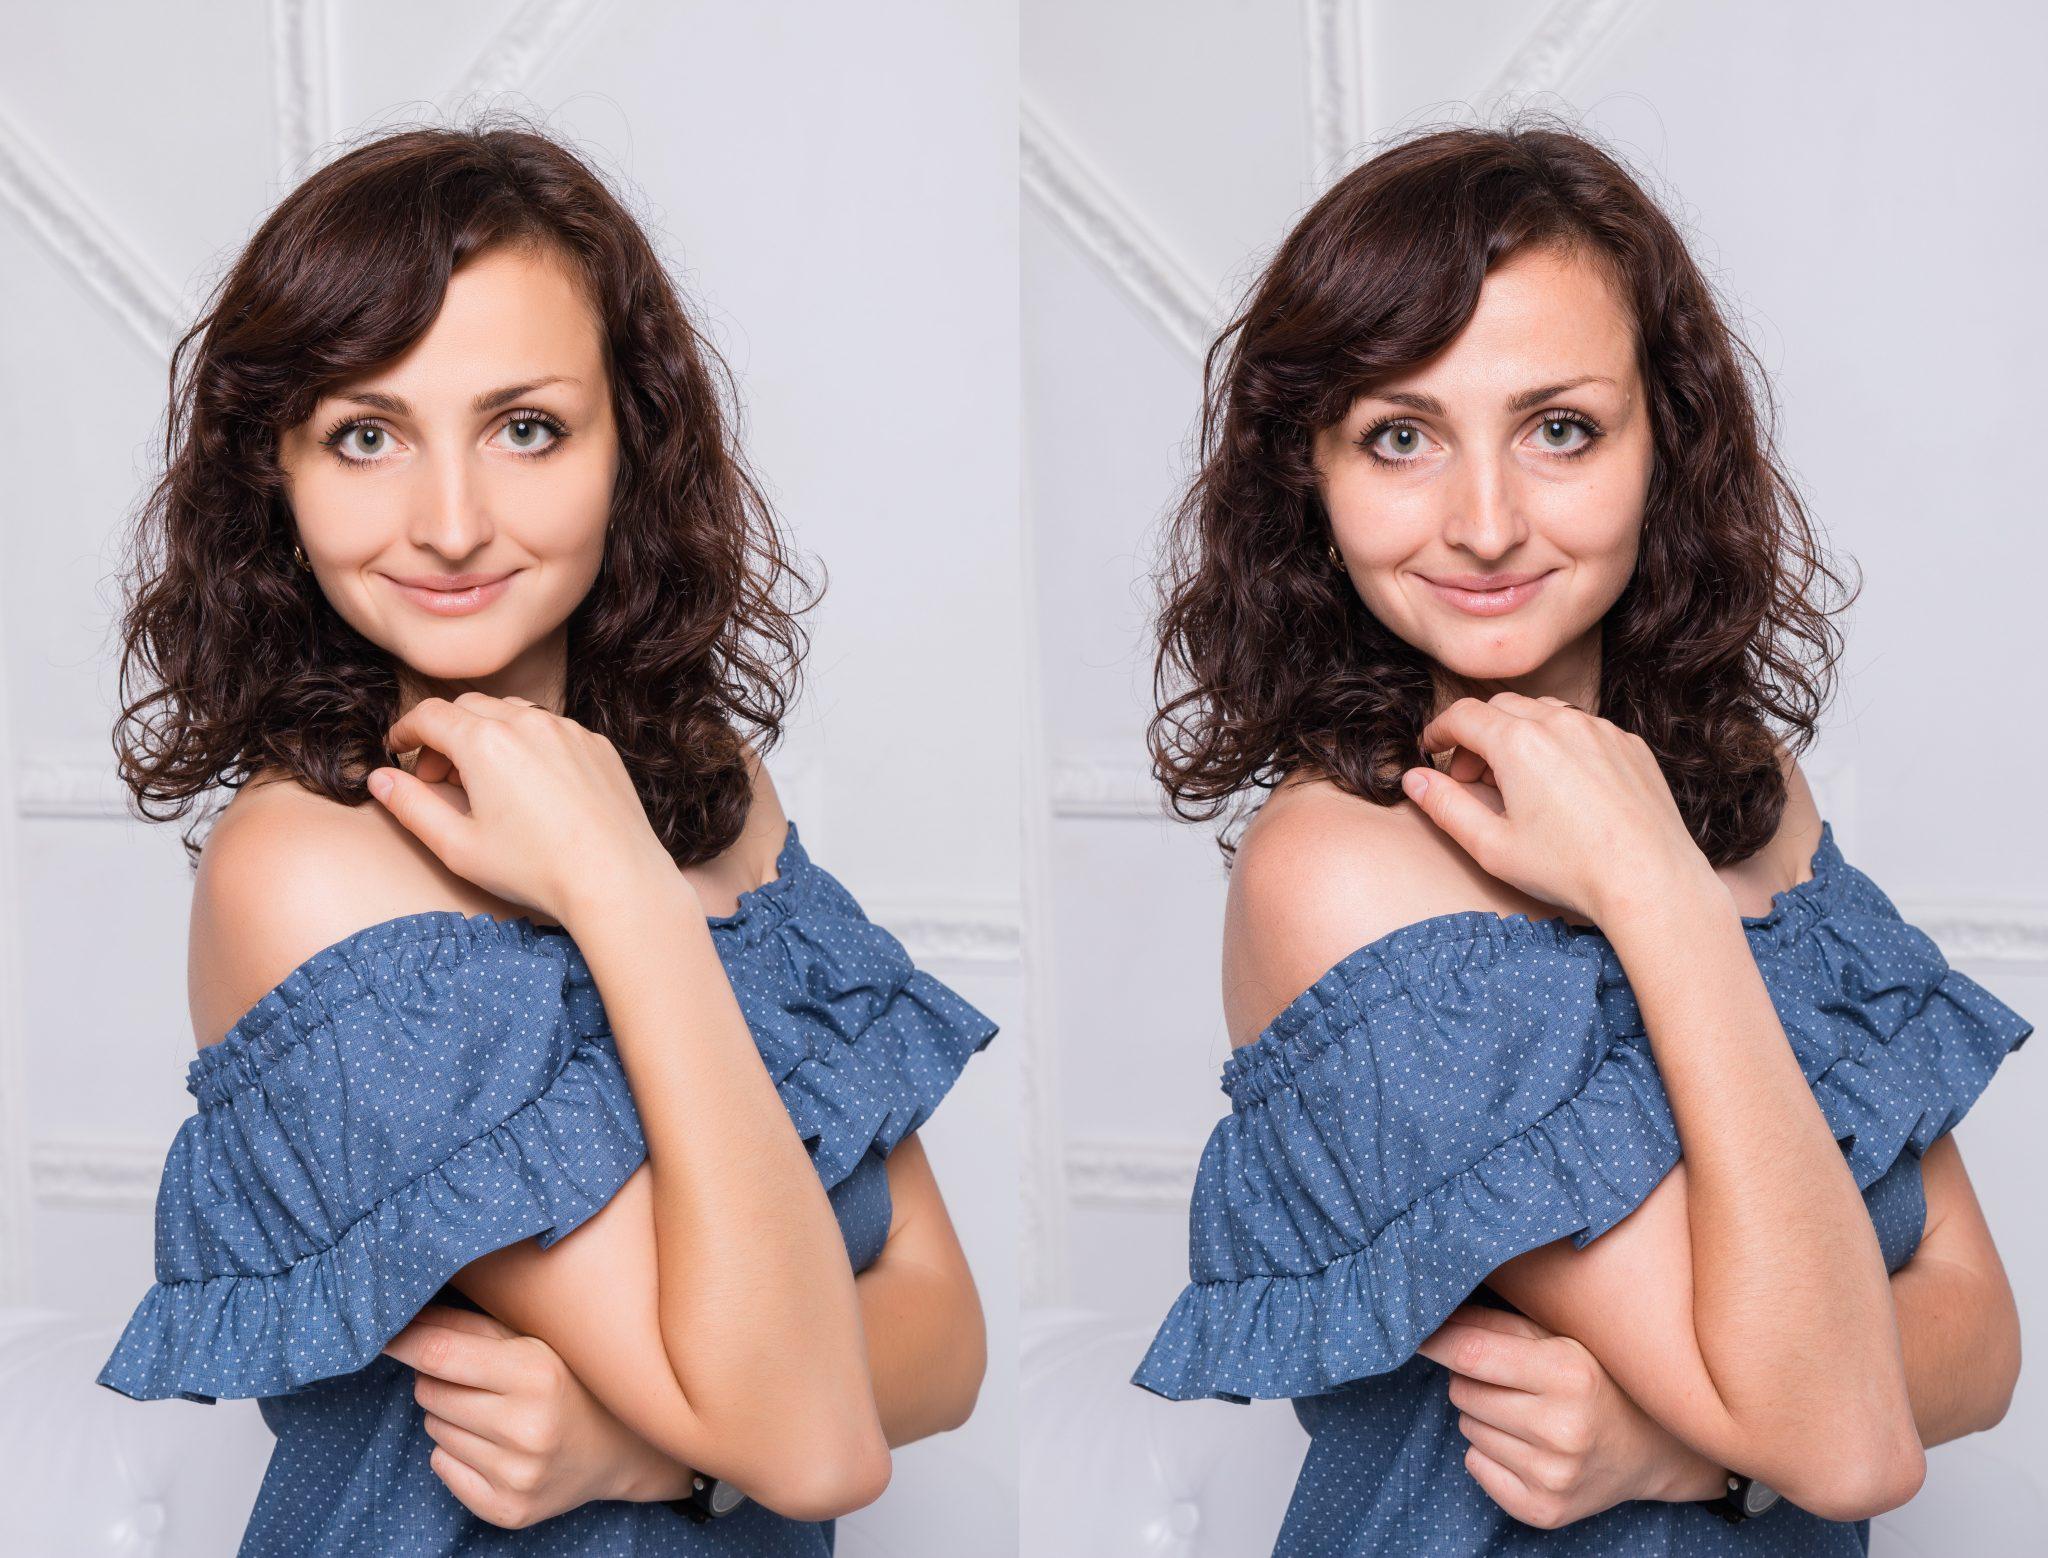 Ретушь в фотостудии Frontpage, сравнение исходного и окончательного вариантов